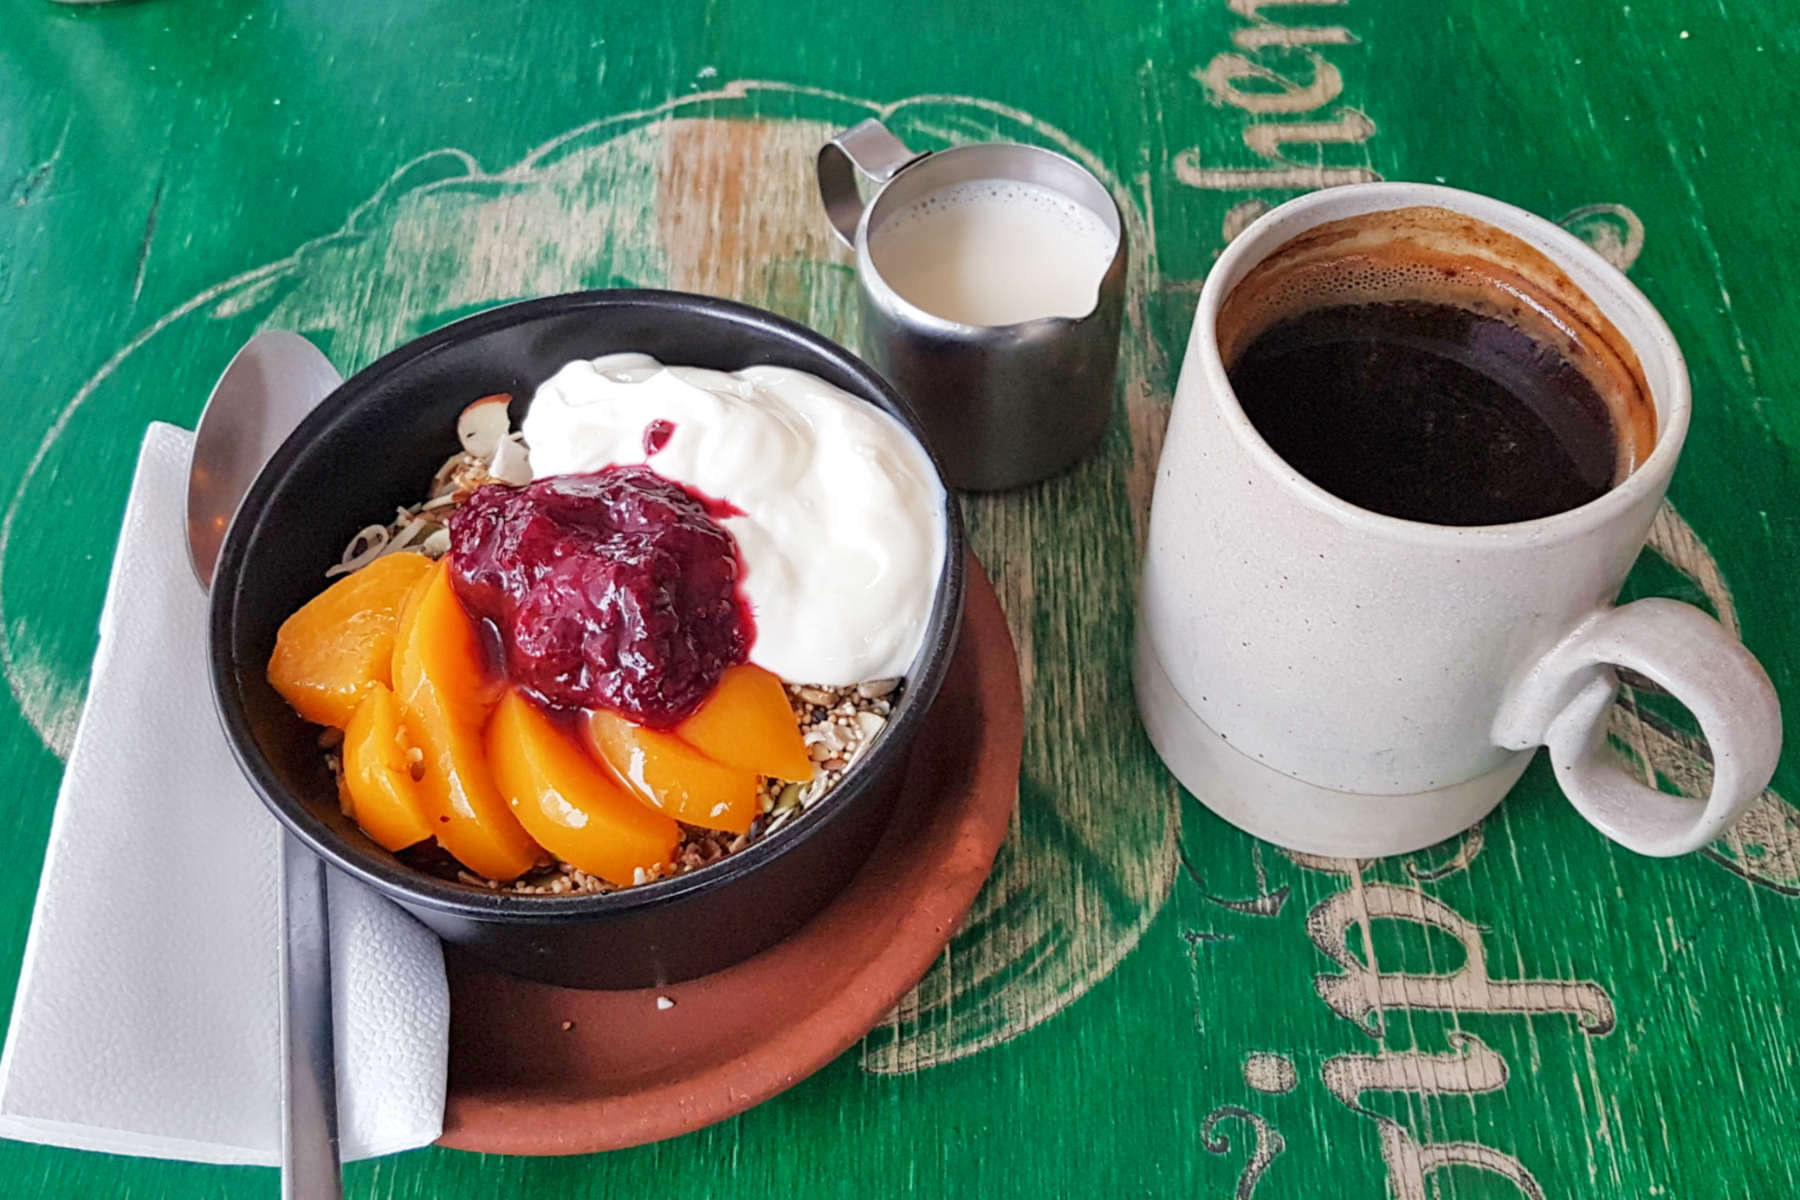 Gypsy Kitchen coffee and muesli